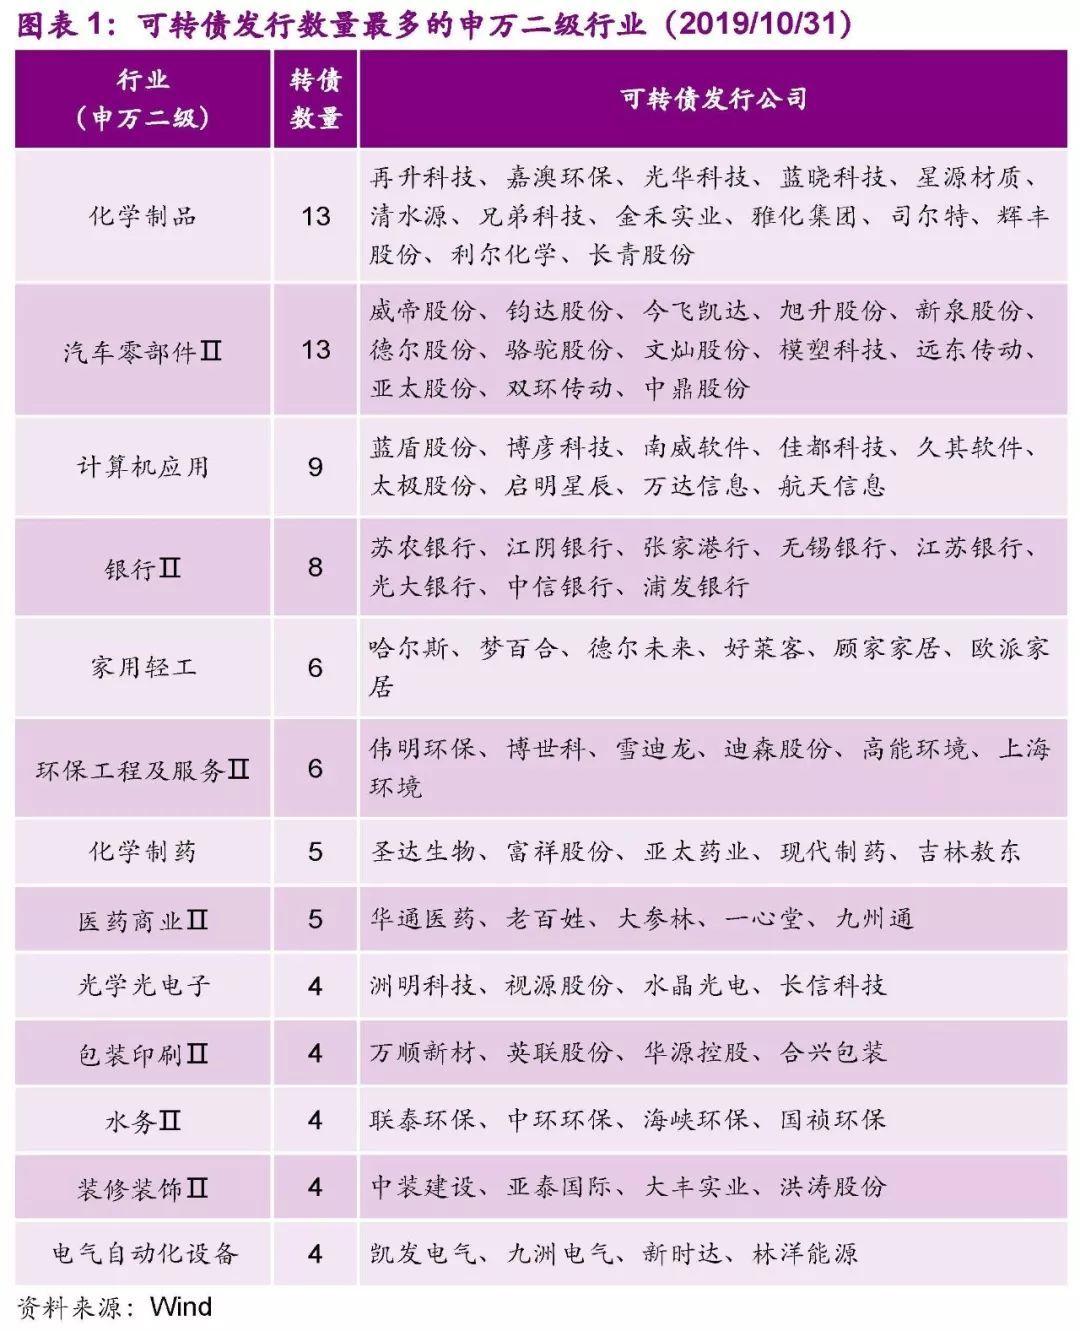 http://www.jienengcc.cn/nenyuanxinwen/149540.html